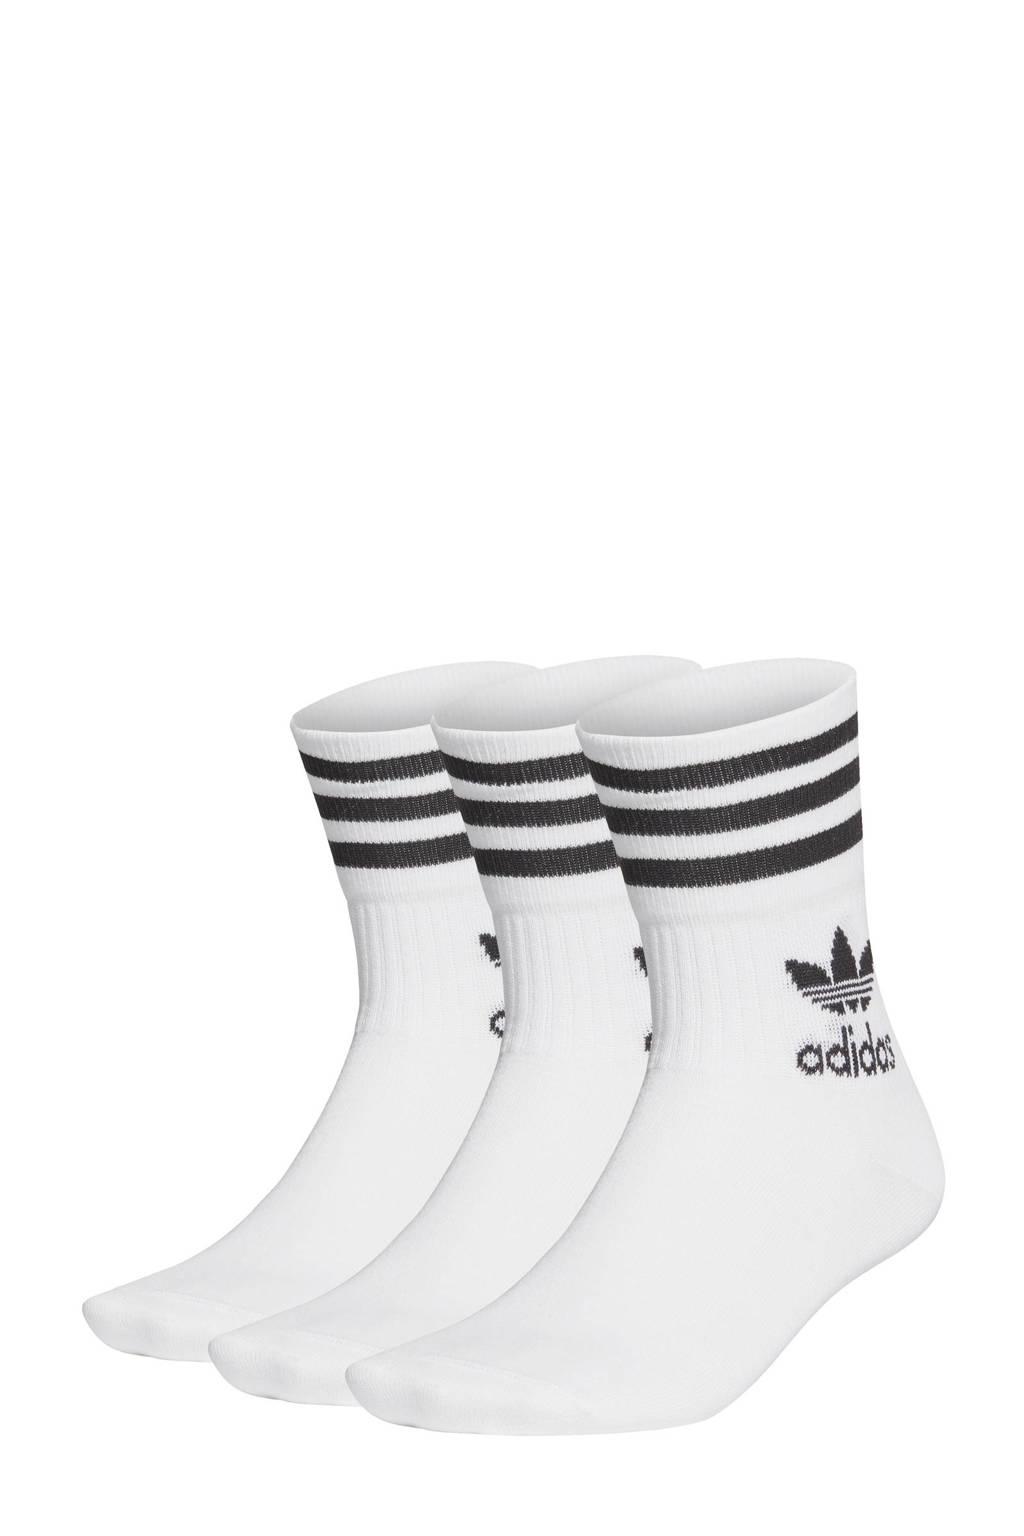 adidas Originals   sokken (set van 3 paar), Wit